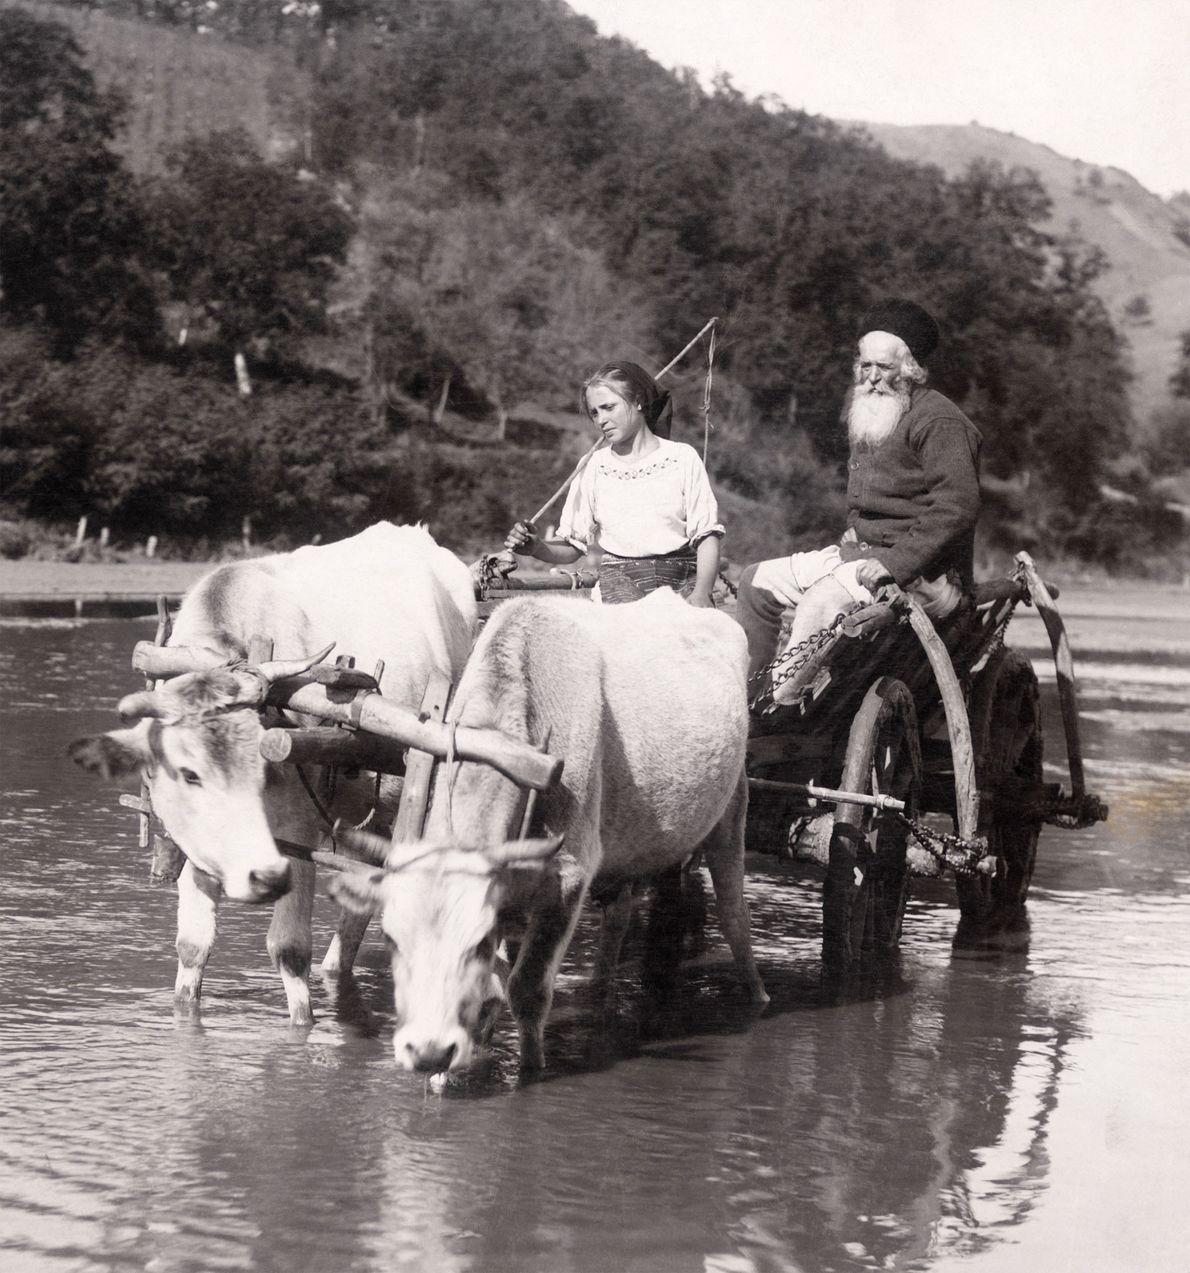 Un curé de campagne et sa fille rentrent chez eux après s'être rendu sur un marché ...